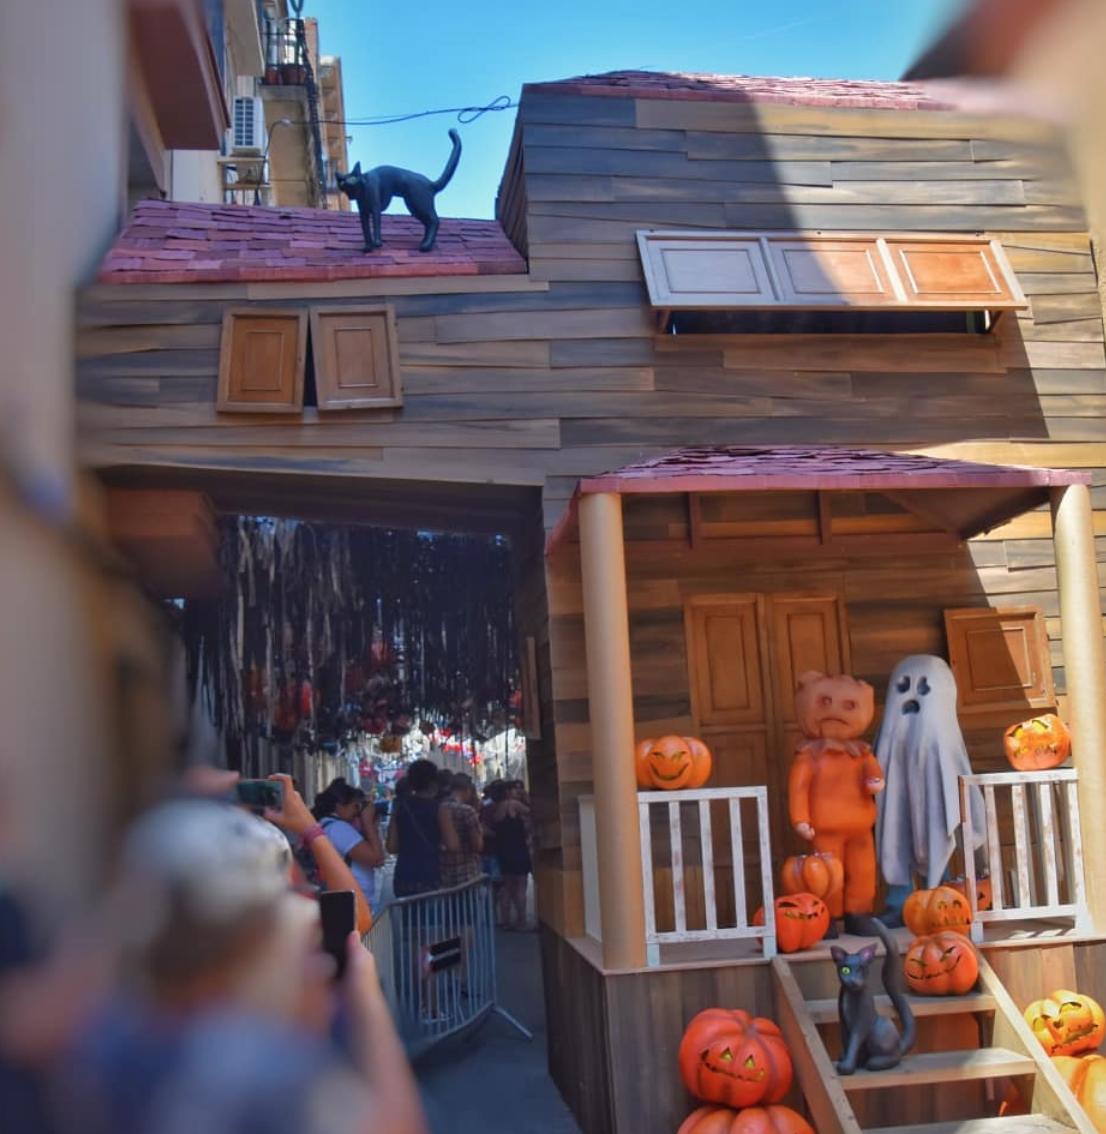 Festa Major de Gràcia 2019 - Halloween - PIc by Gosiavillatoro